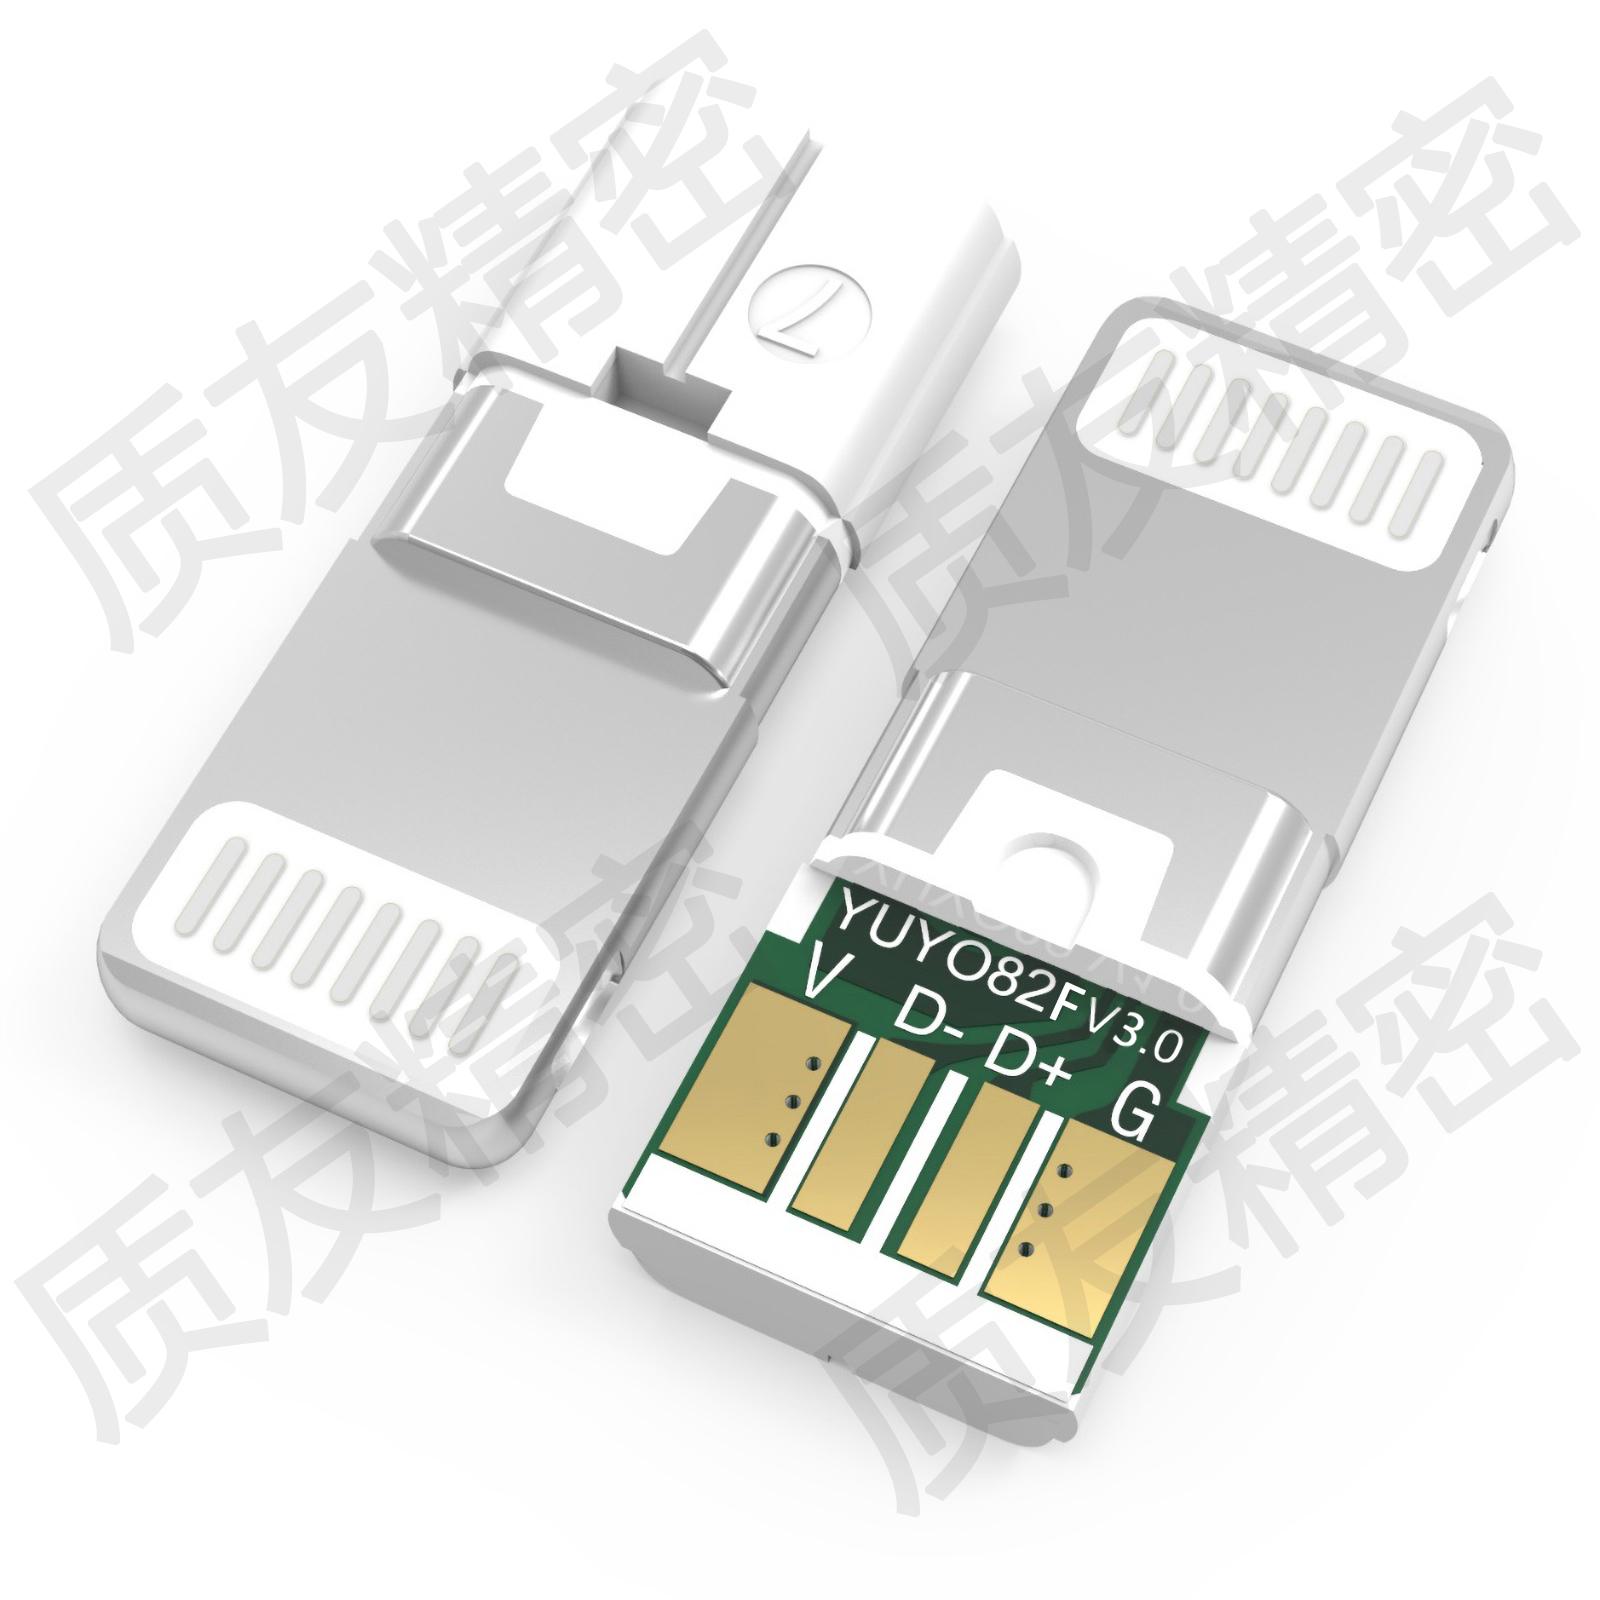 苹果8p一体插头YUYO82F 半包 粉末冶金